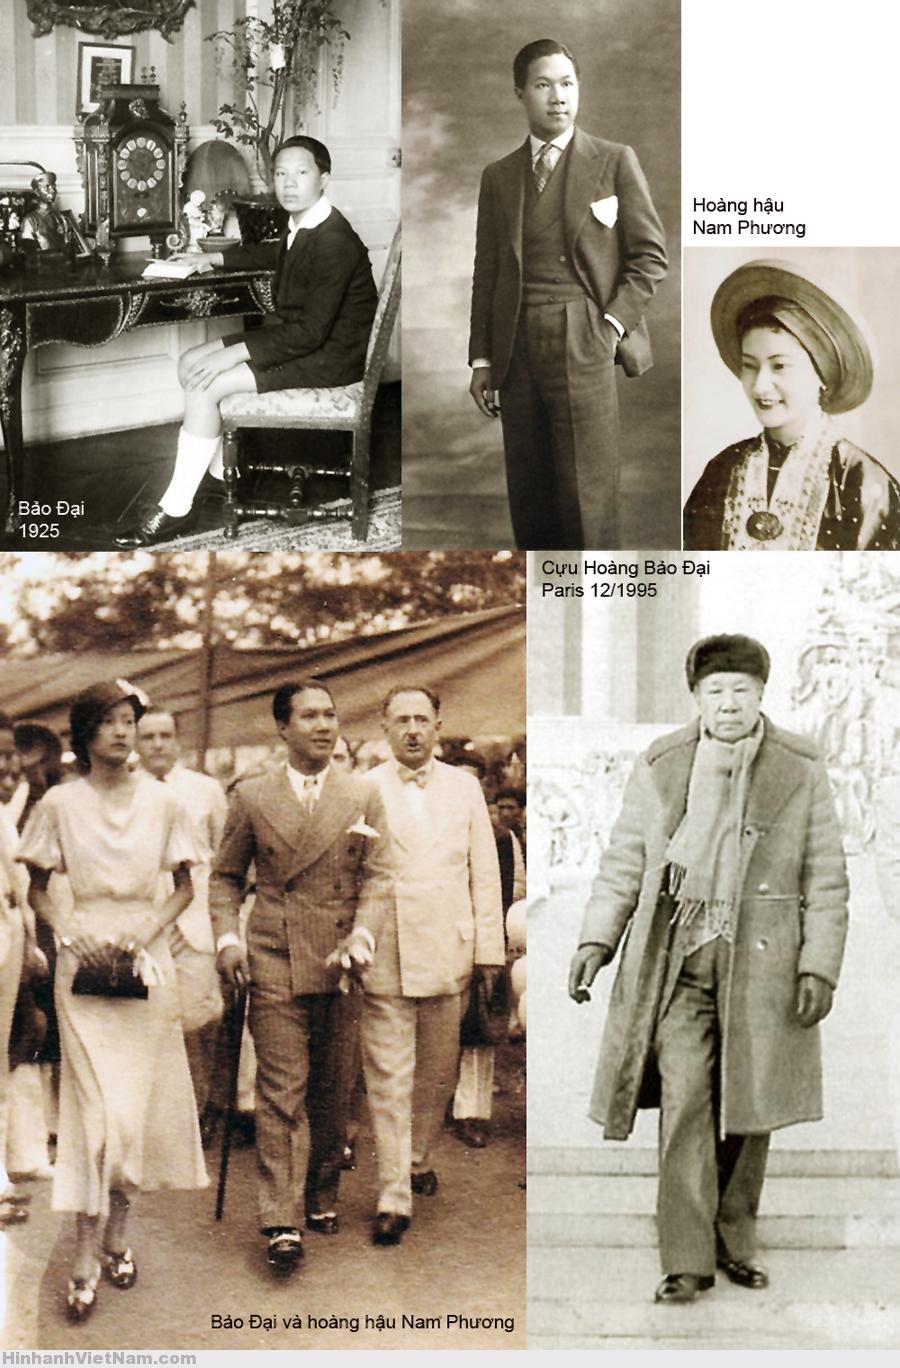 Bảo Đại và Hoàng hậu Nam Phương